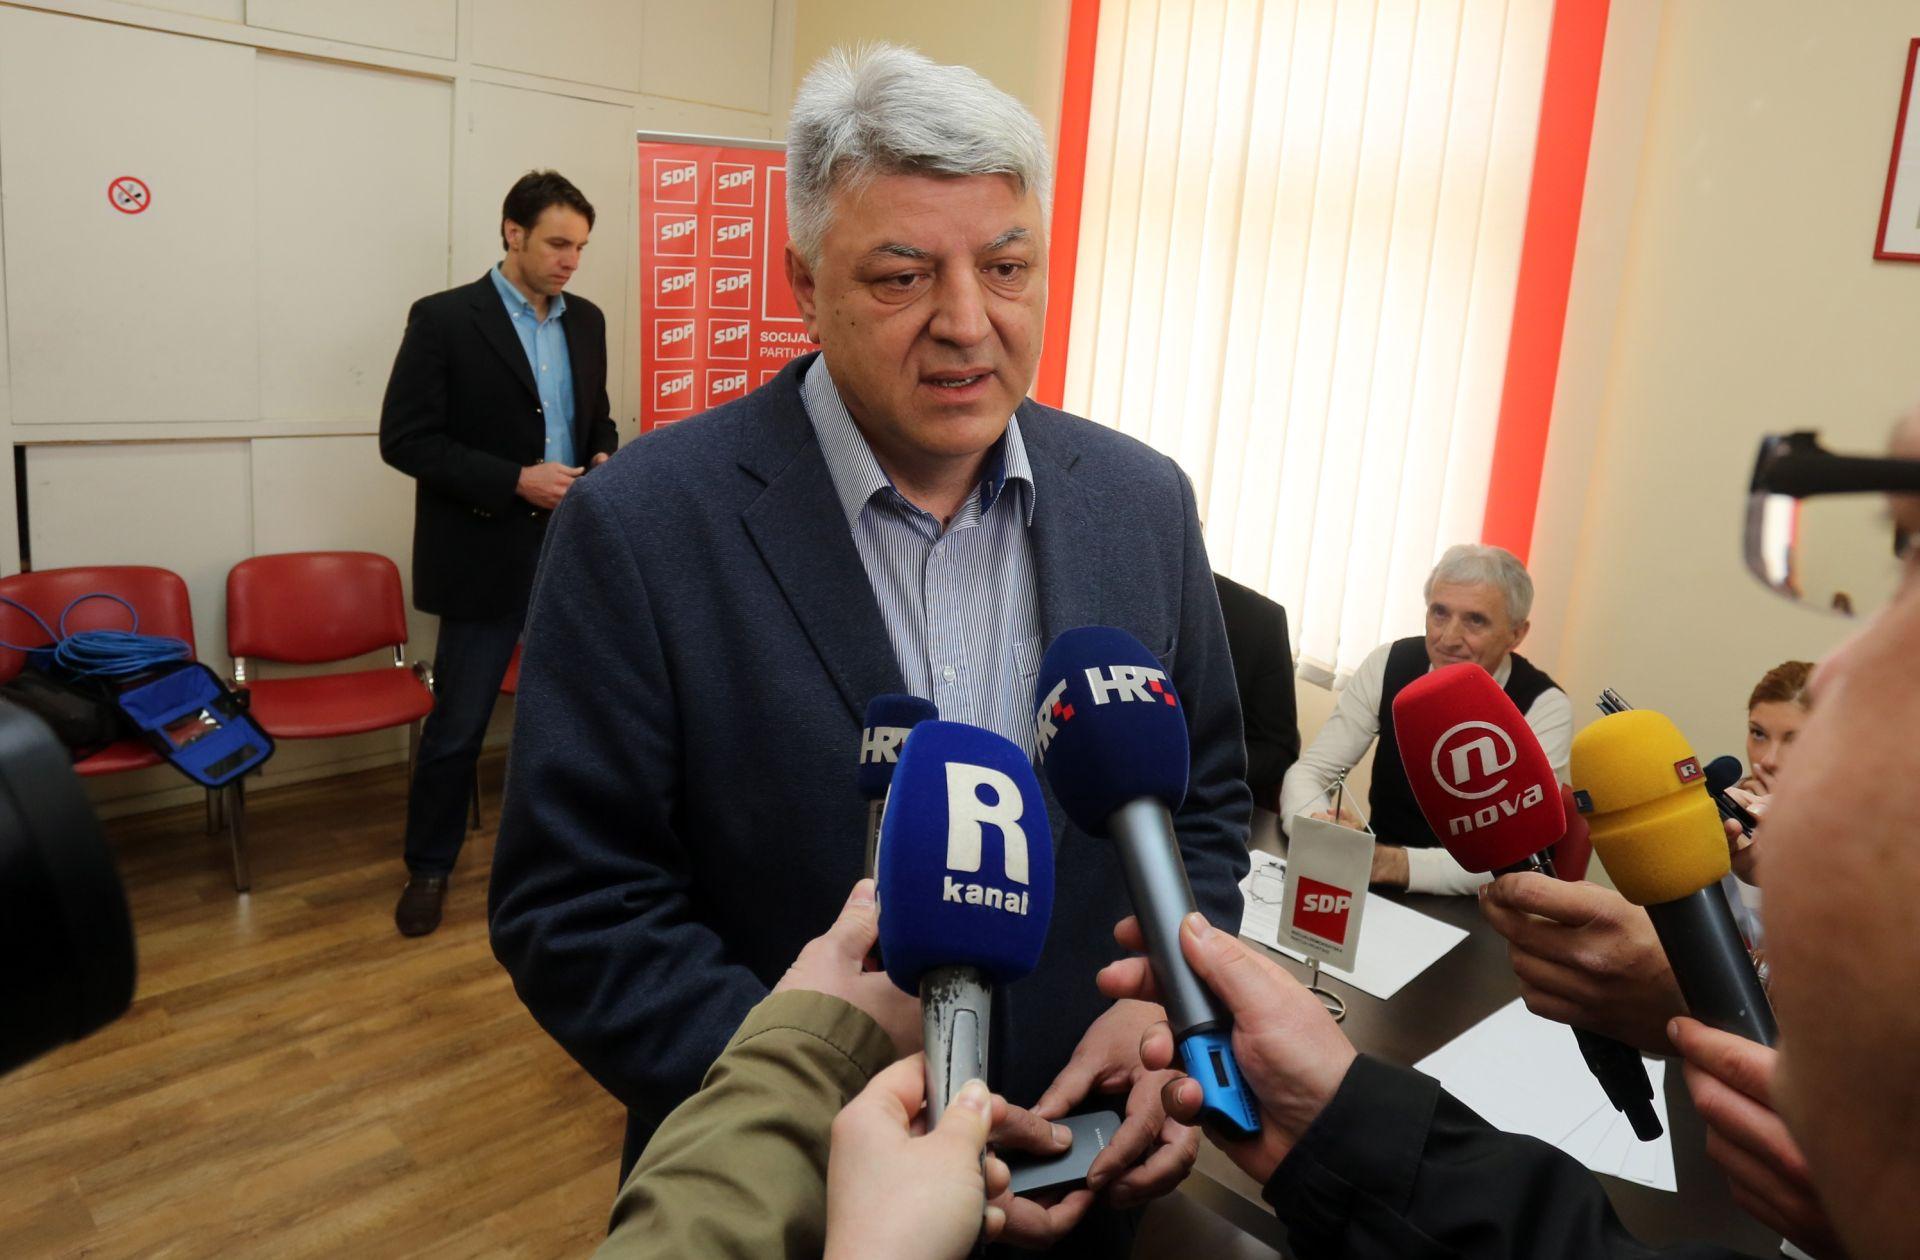 PRIGOVORI NA PROVOĐENJE IZBORA U SDP-u: U nekim kutijama pronađeni glasački listići i prije otvaranja birališta